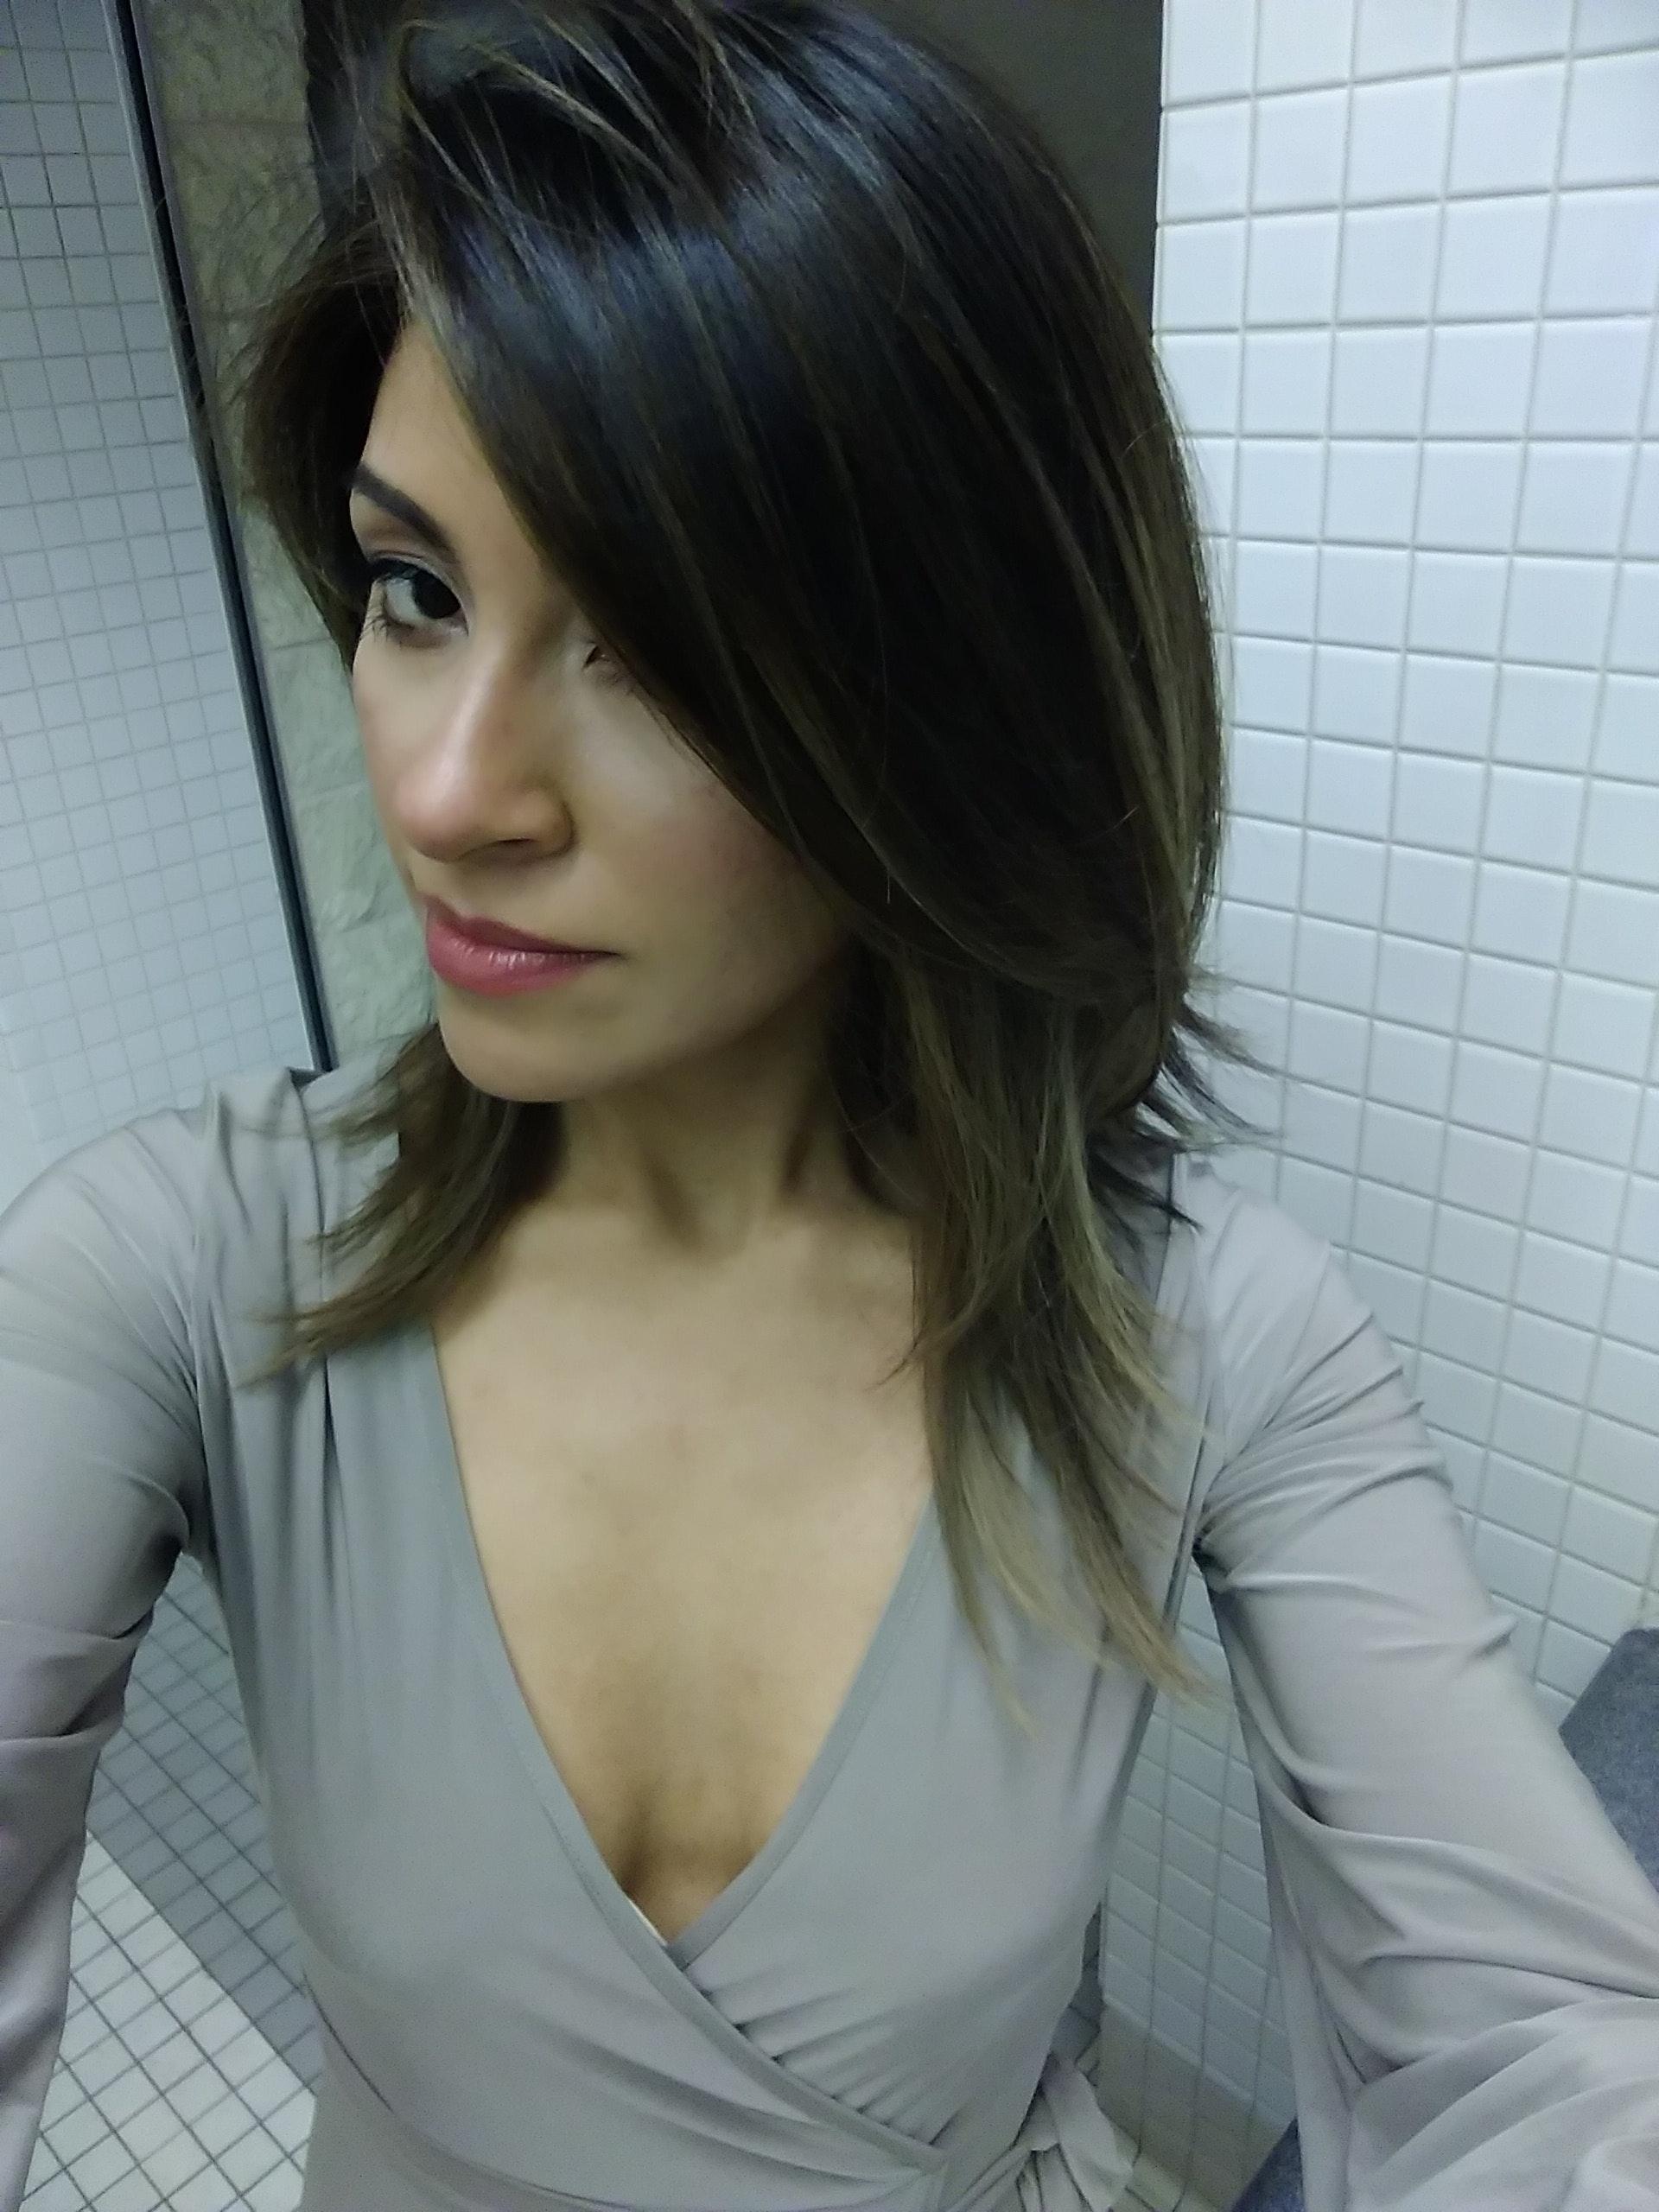 Vanessa Valentin's Model portfolio